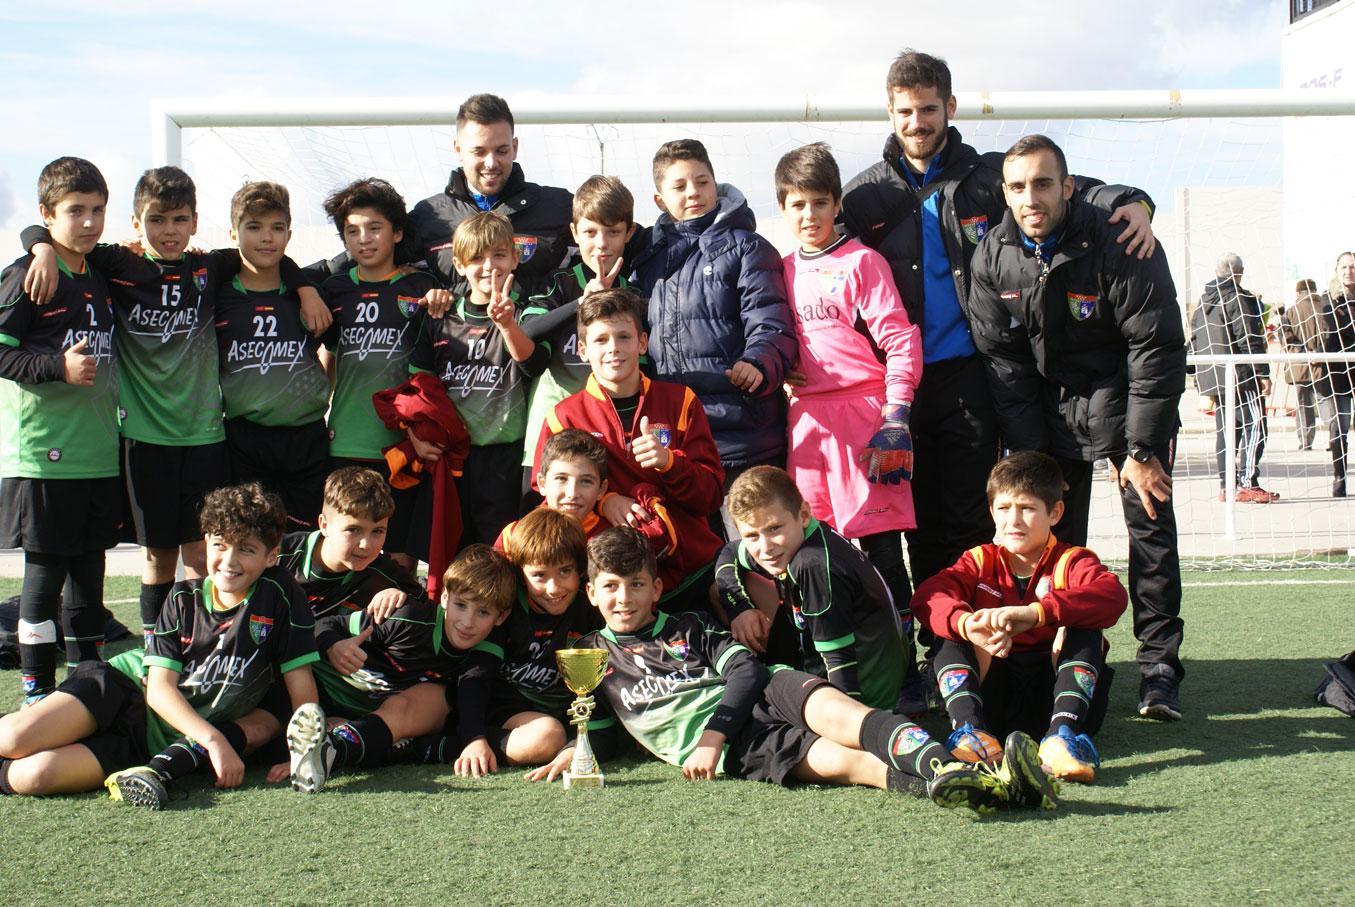 Fotos de la participación del Alevín A en el torneo de Yeles, en el que se proclamó campeón